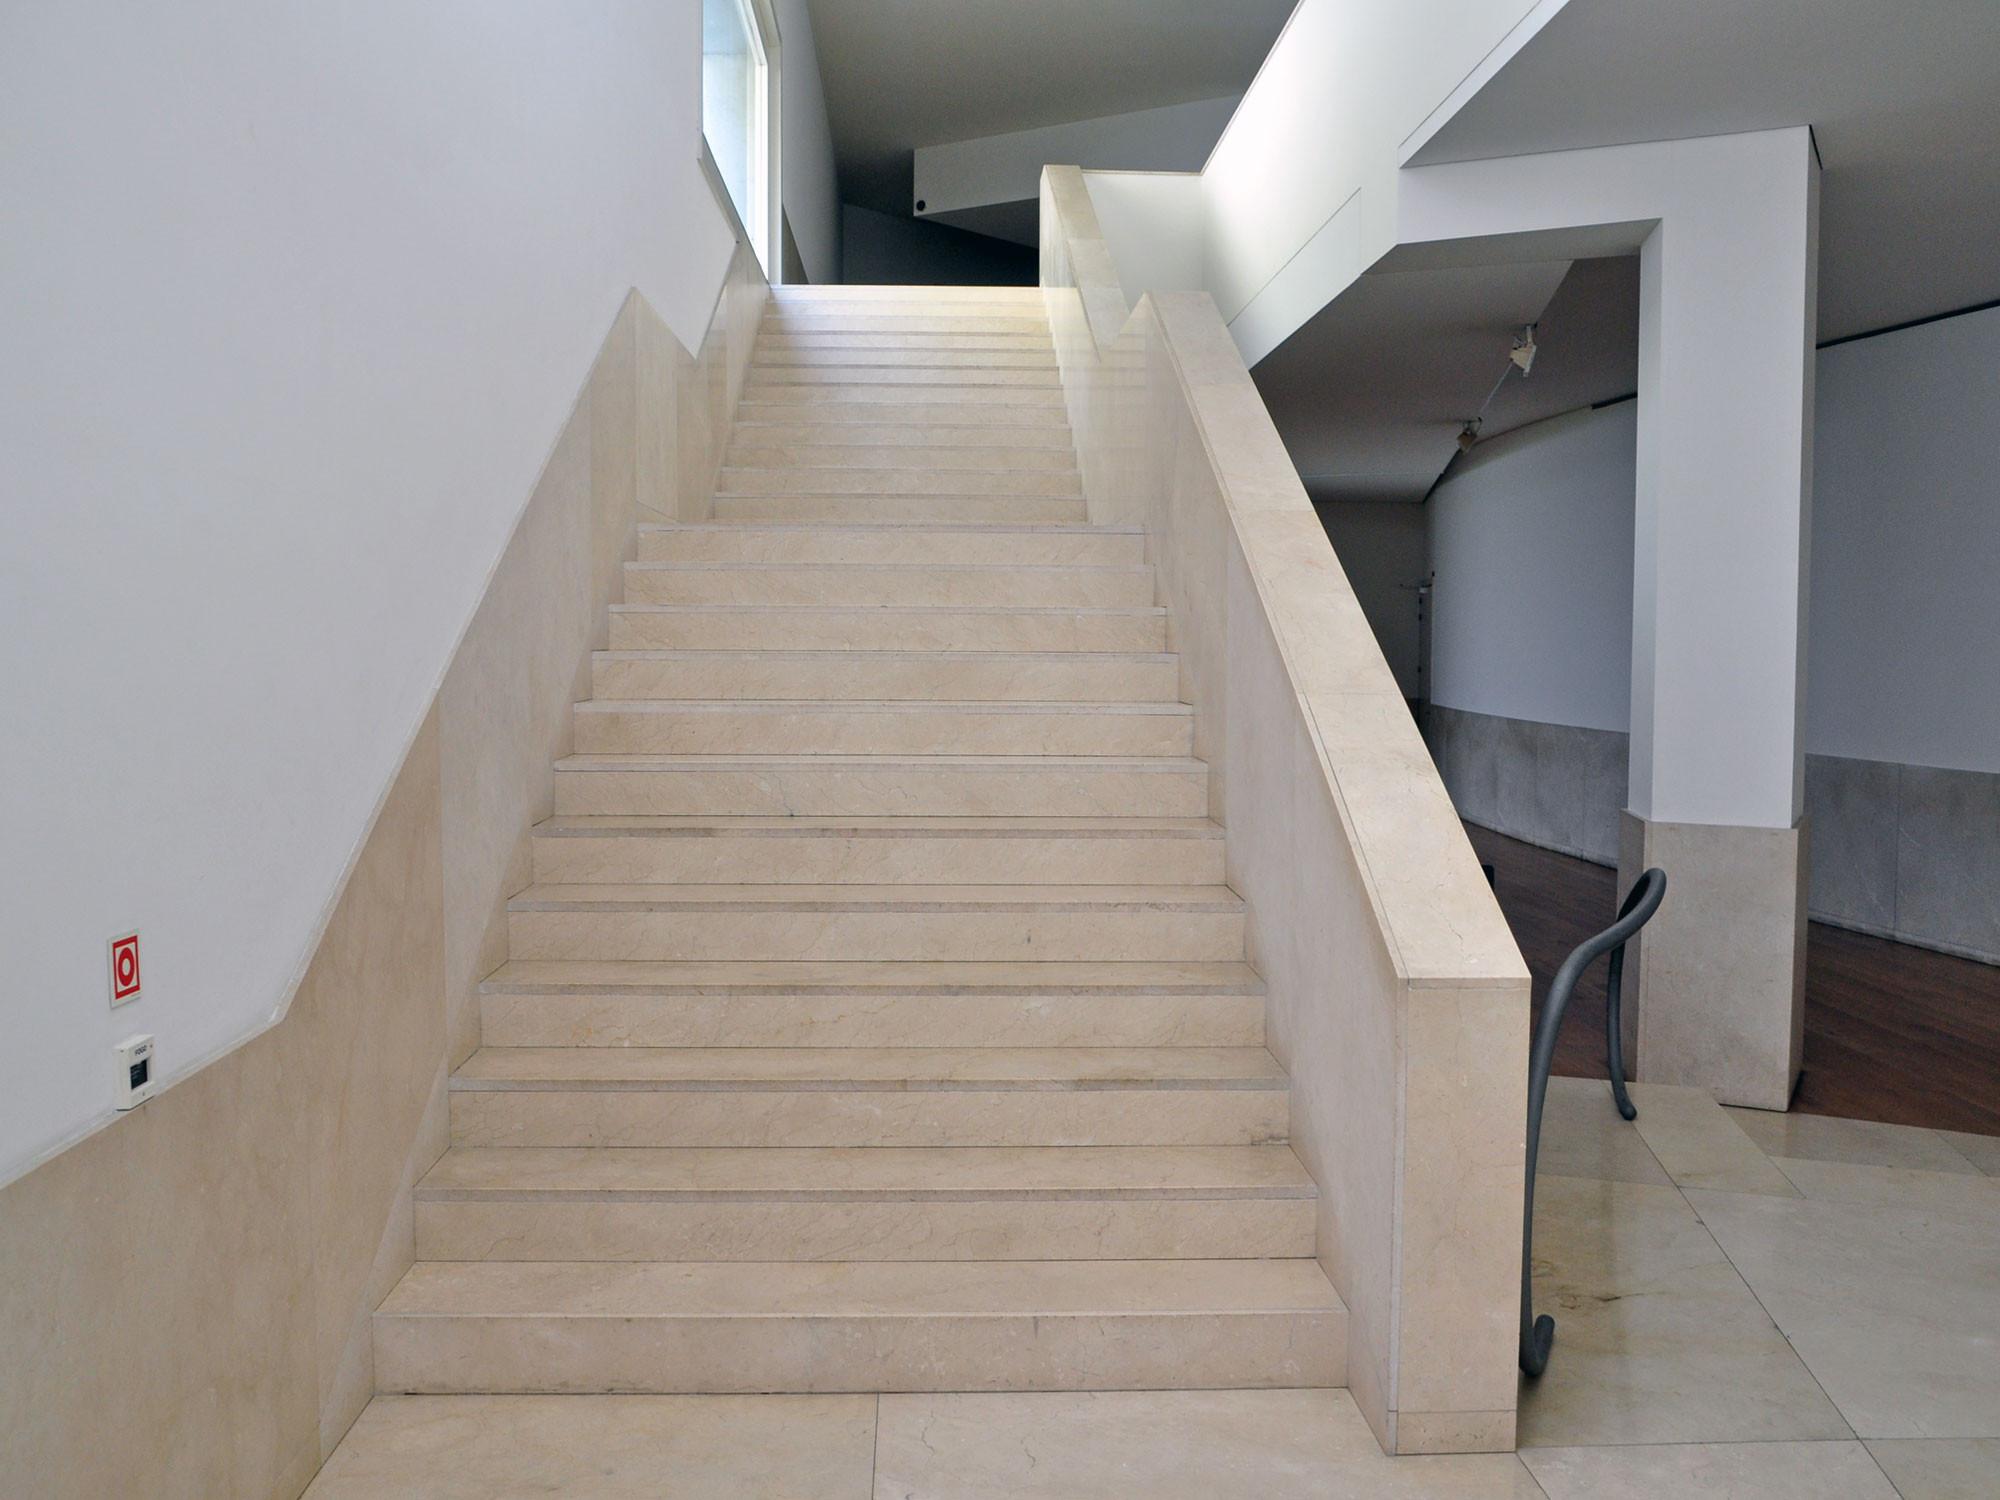 marmorfliesen und platten fliesen und platten kunst natursteine baunetz wissen. Black Bedroom Furniture Sets. Home Design Ideas